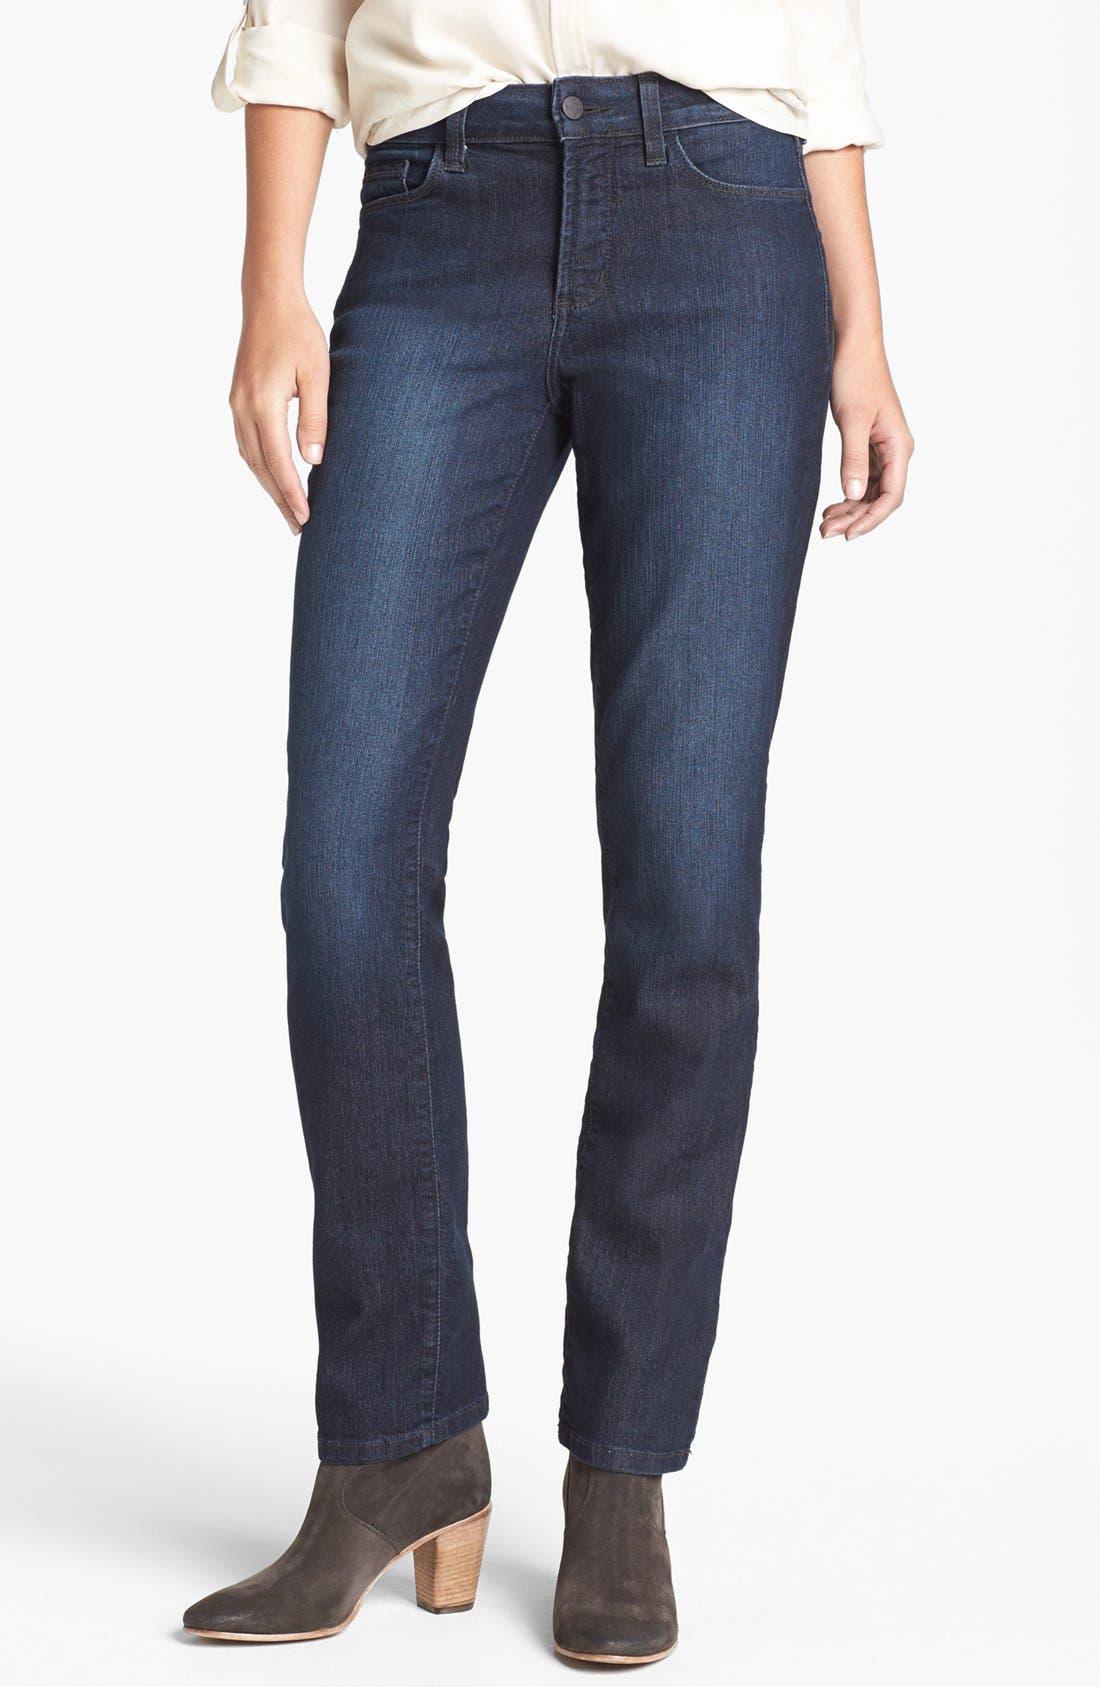 Alternate Image 1 Selected - NYDJ 'Sheri' Embellished Pocket Stretch Skinny Jeans